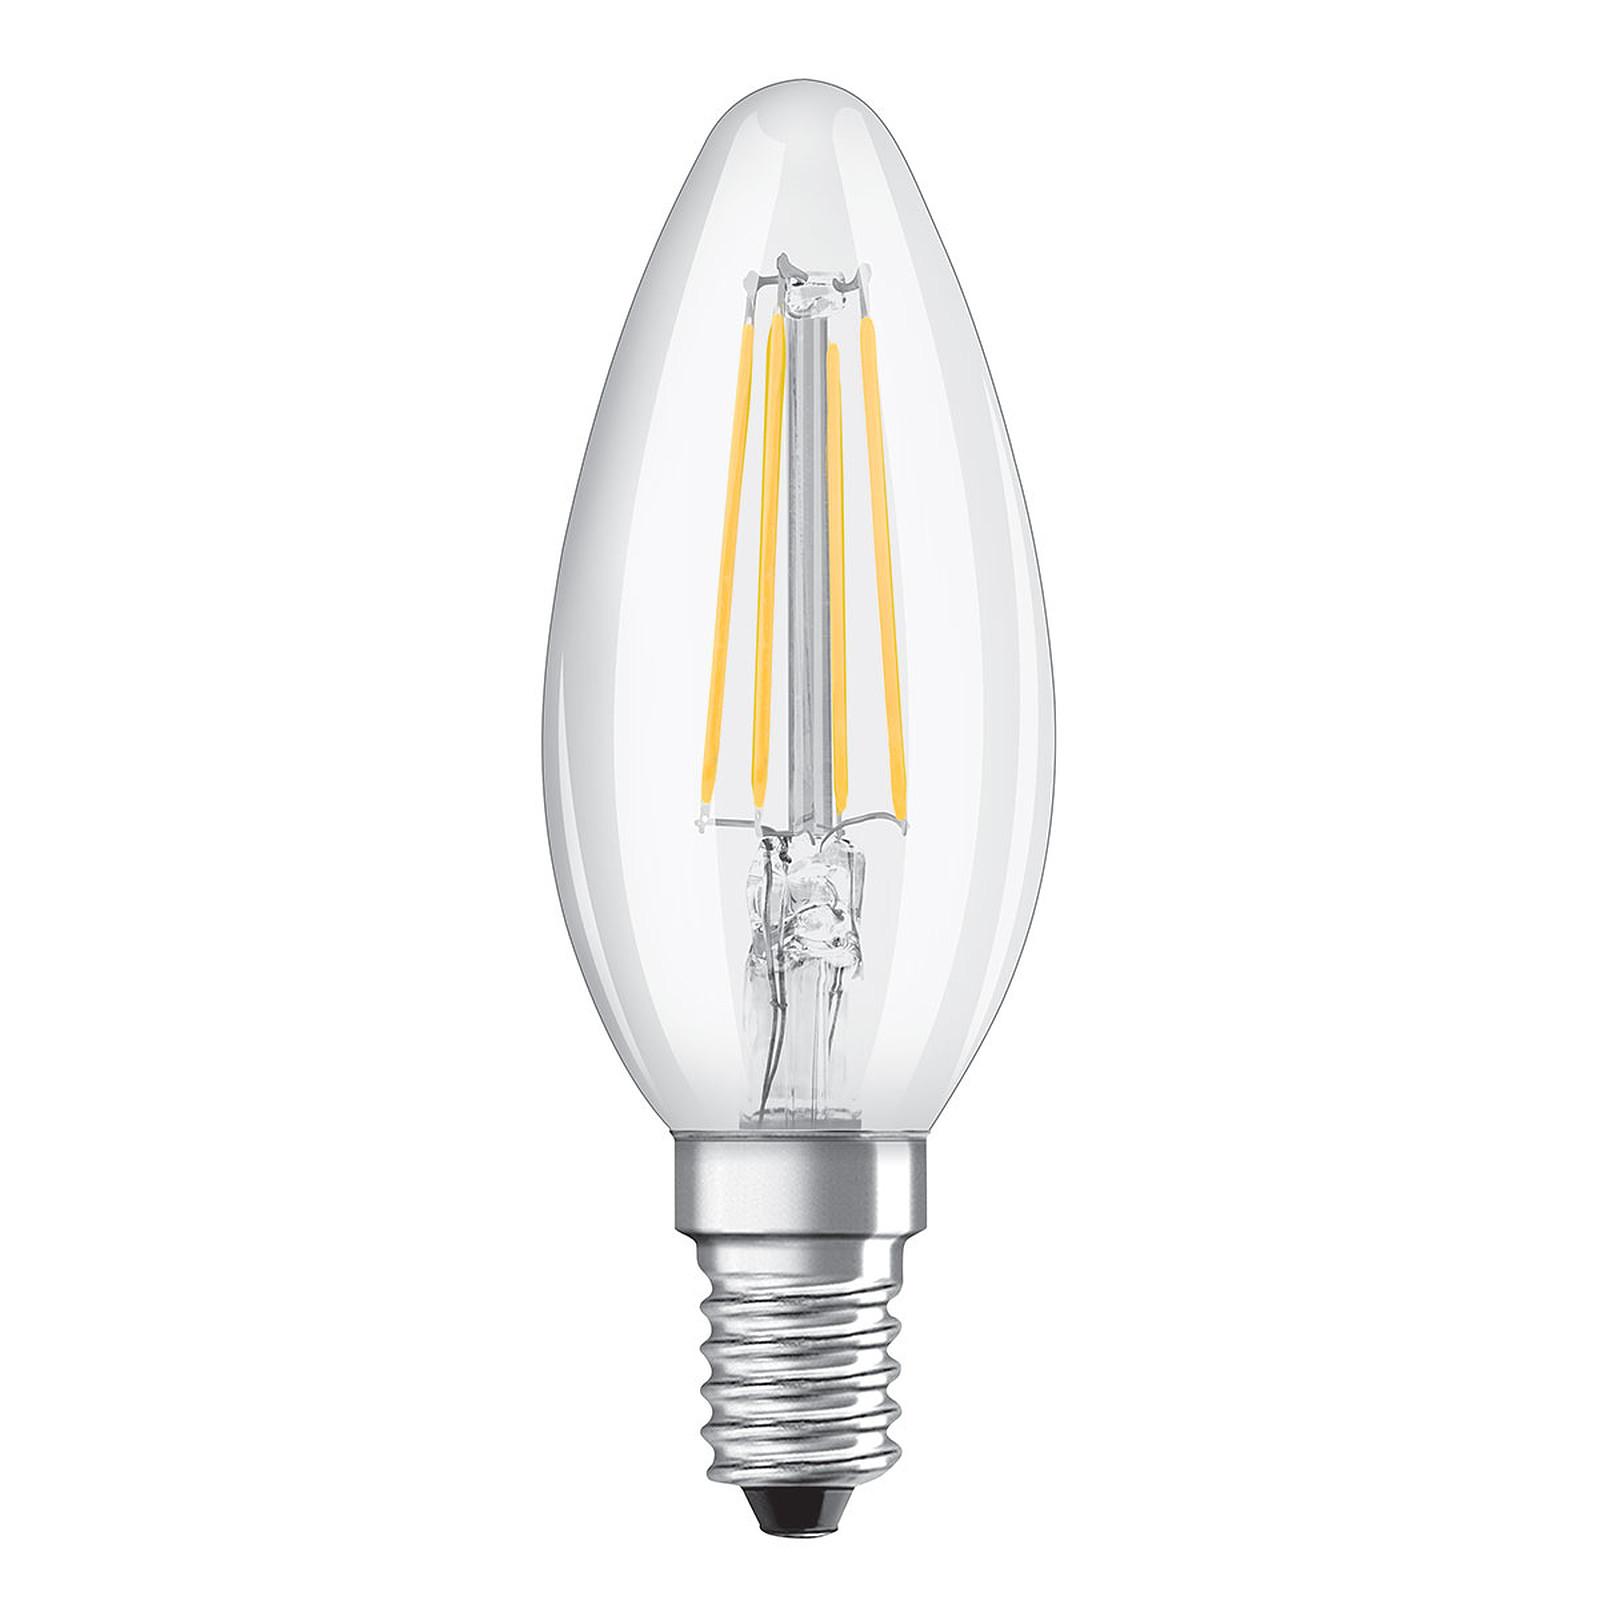 OSRAM Ampoule LED Retrofit flamme E14 4W (37W) A++